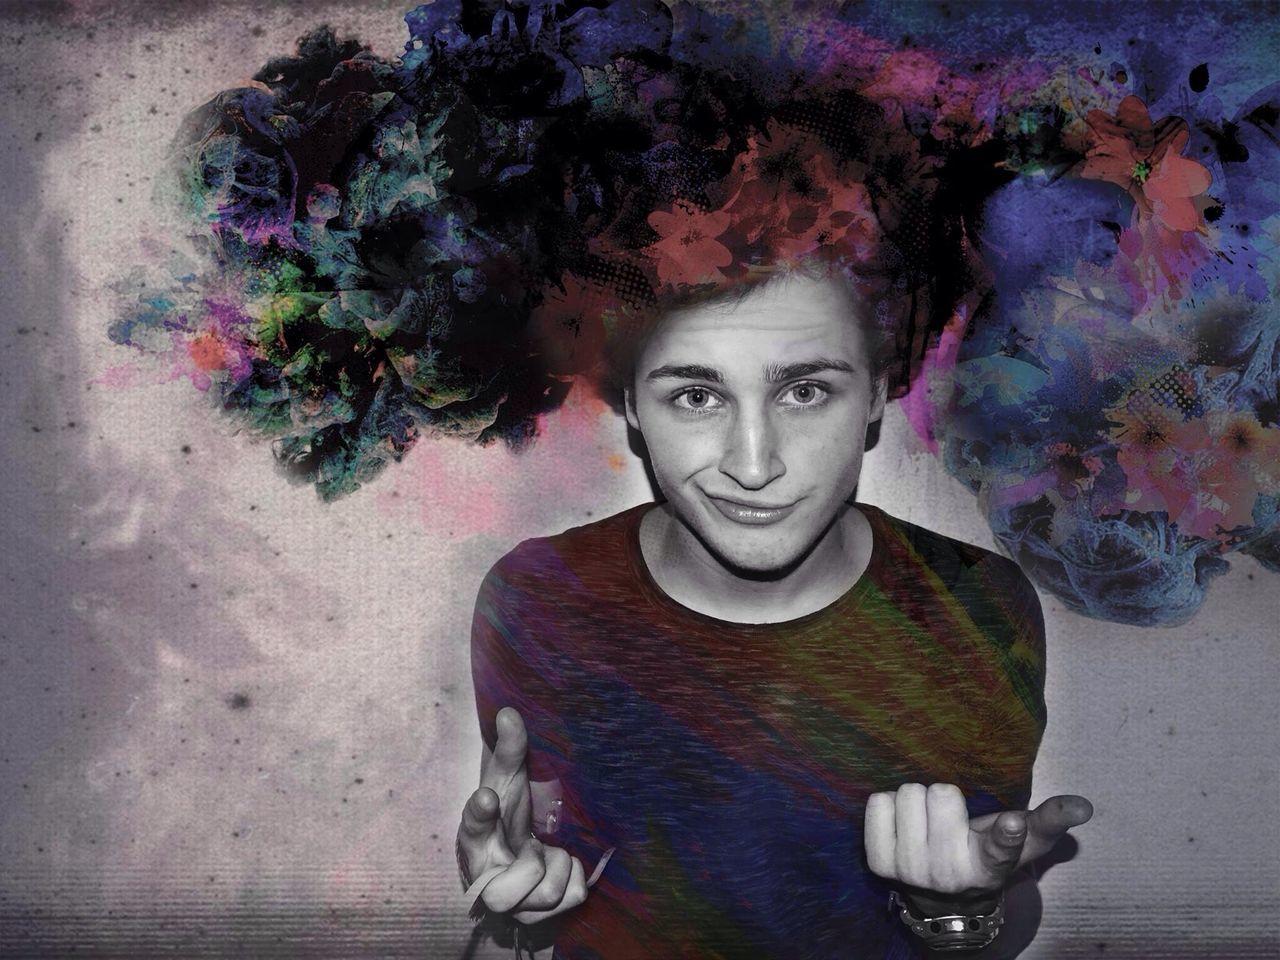 Digital Composite Of Boy Making Face